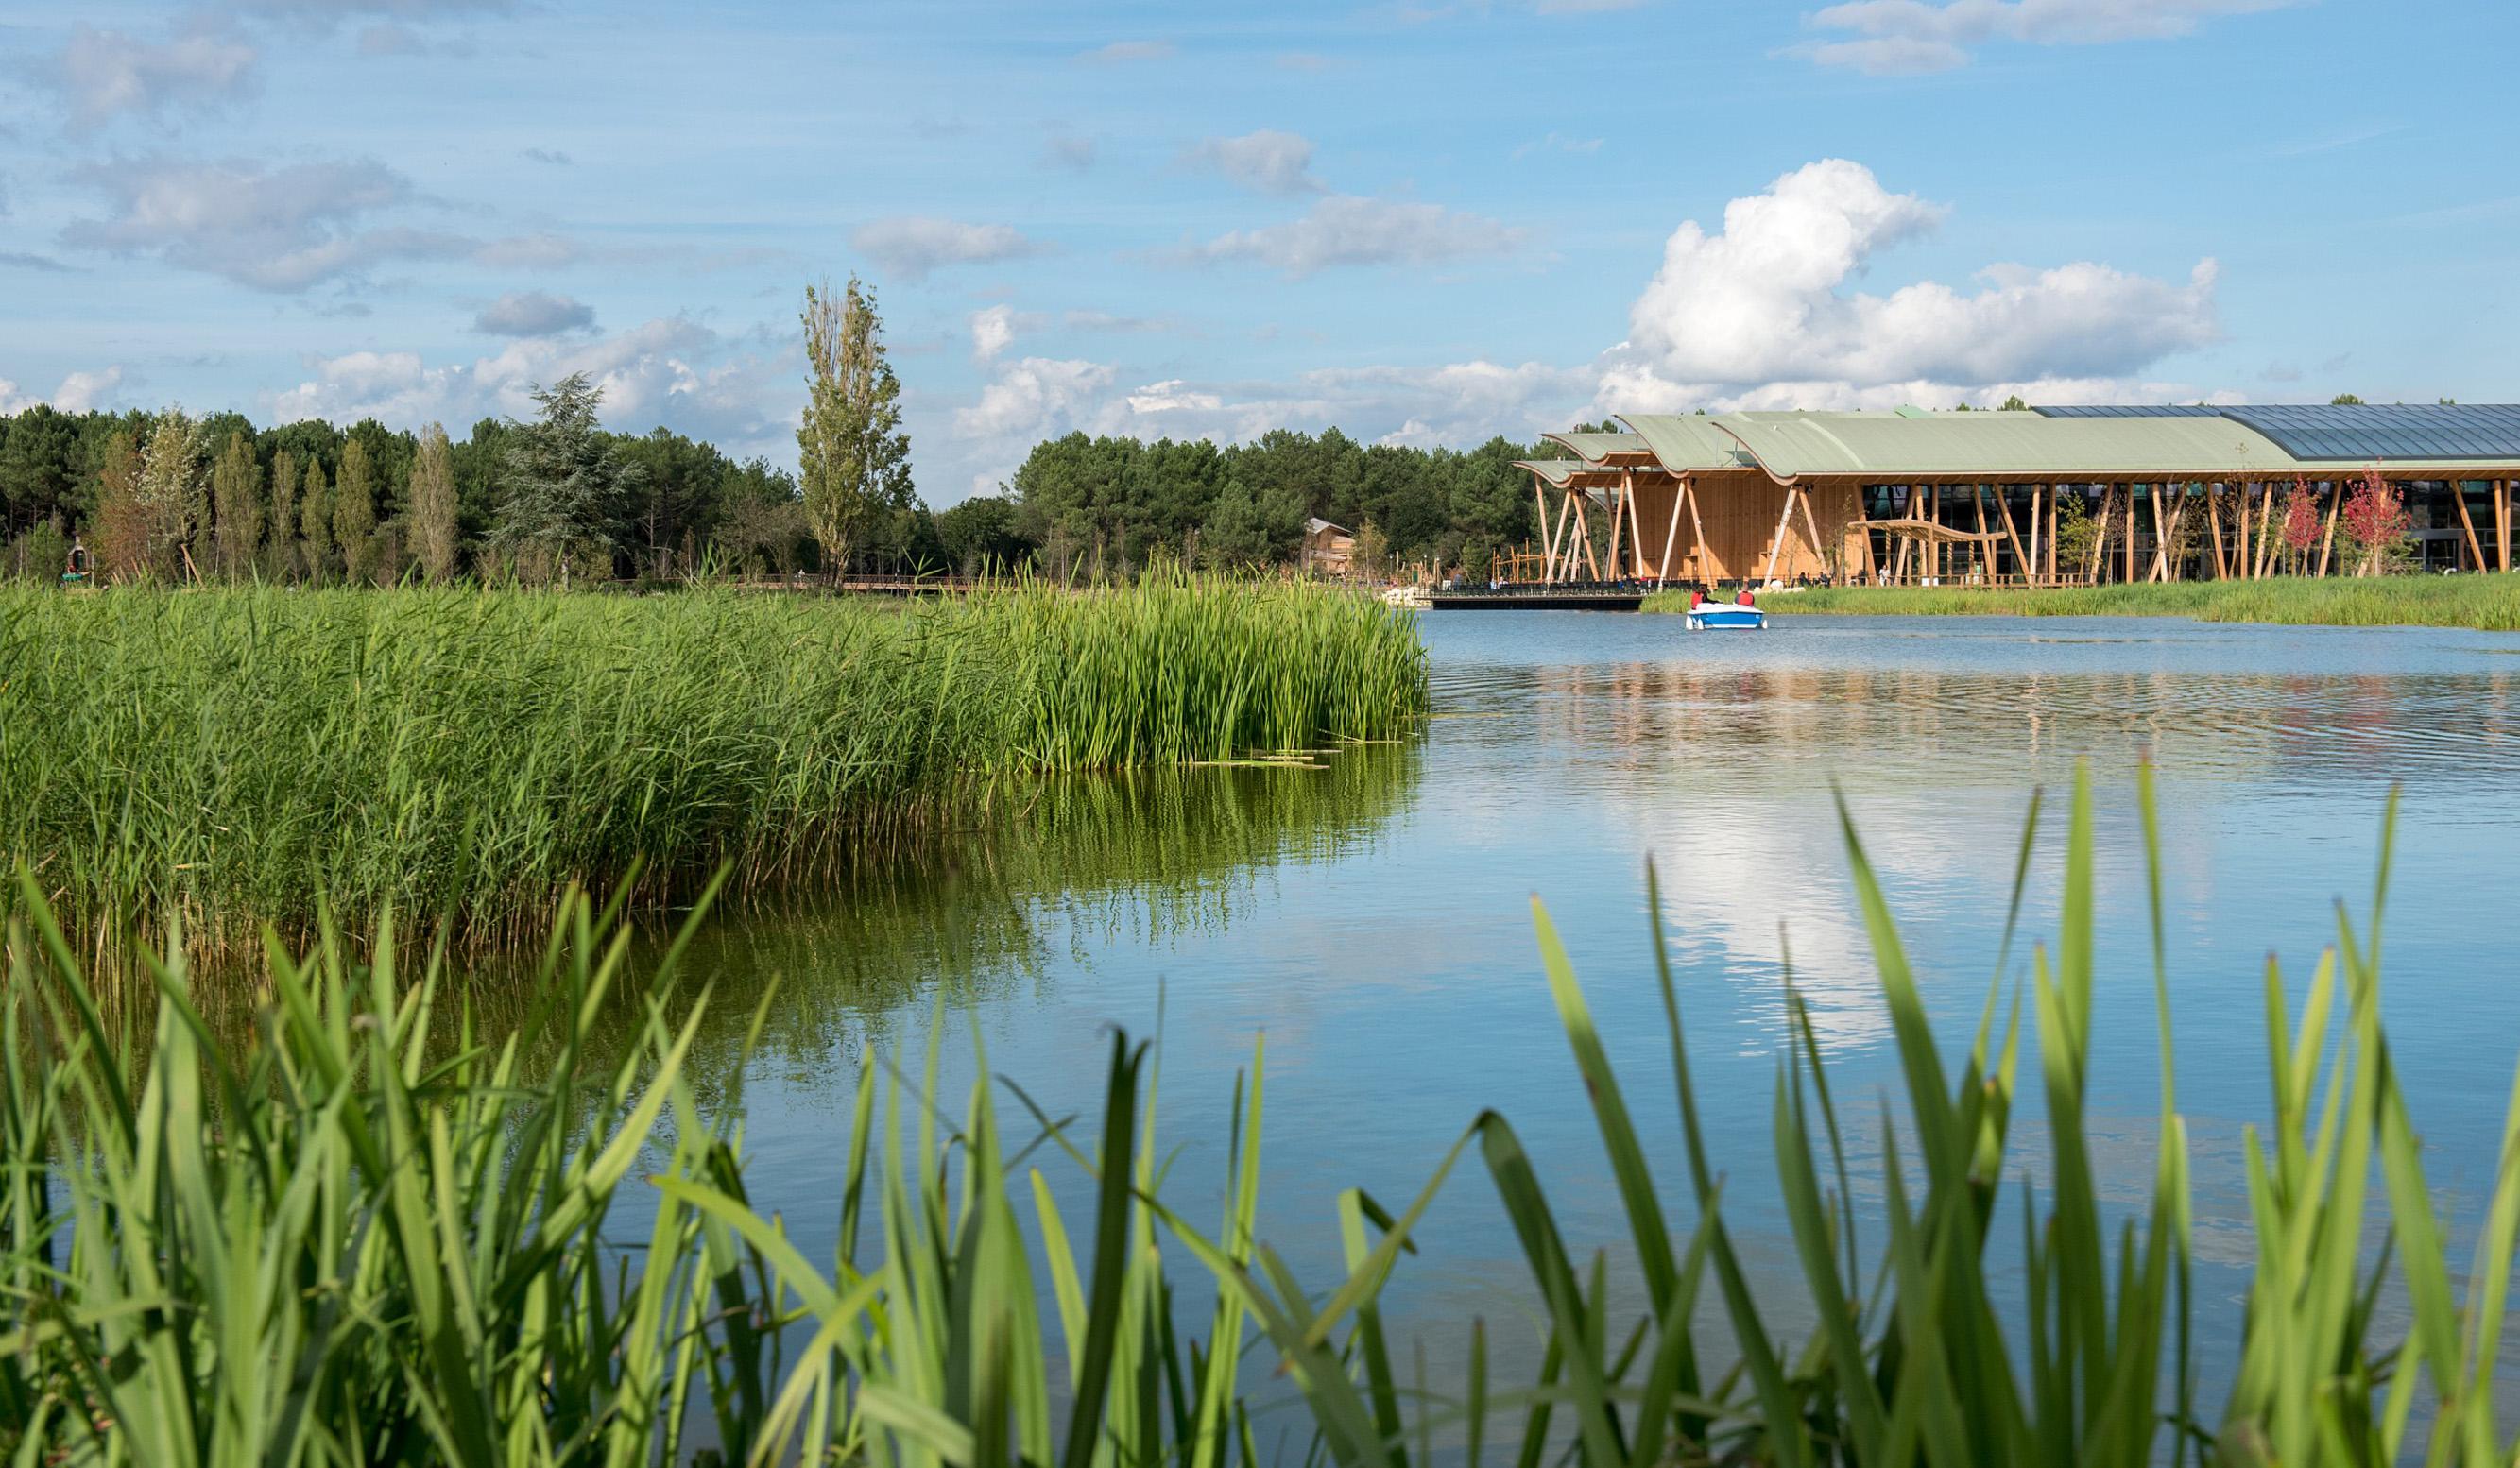 Pvcp leader des vacances en europe - Center parc bois aux daims adresse ...